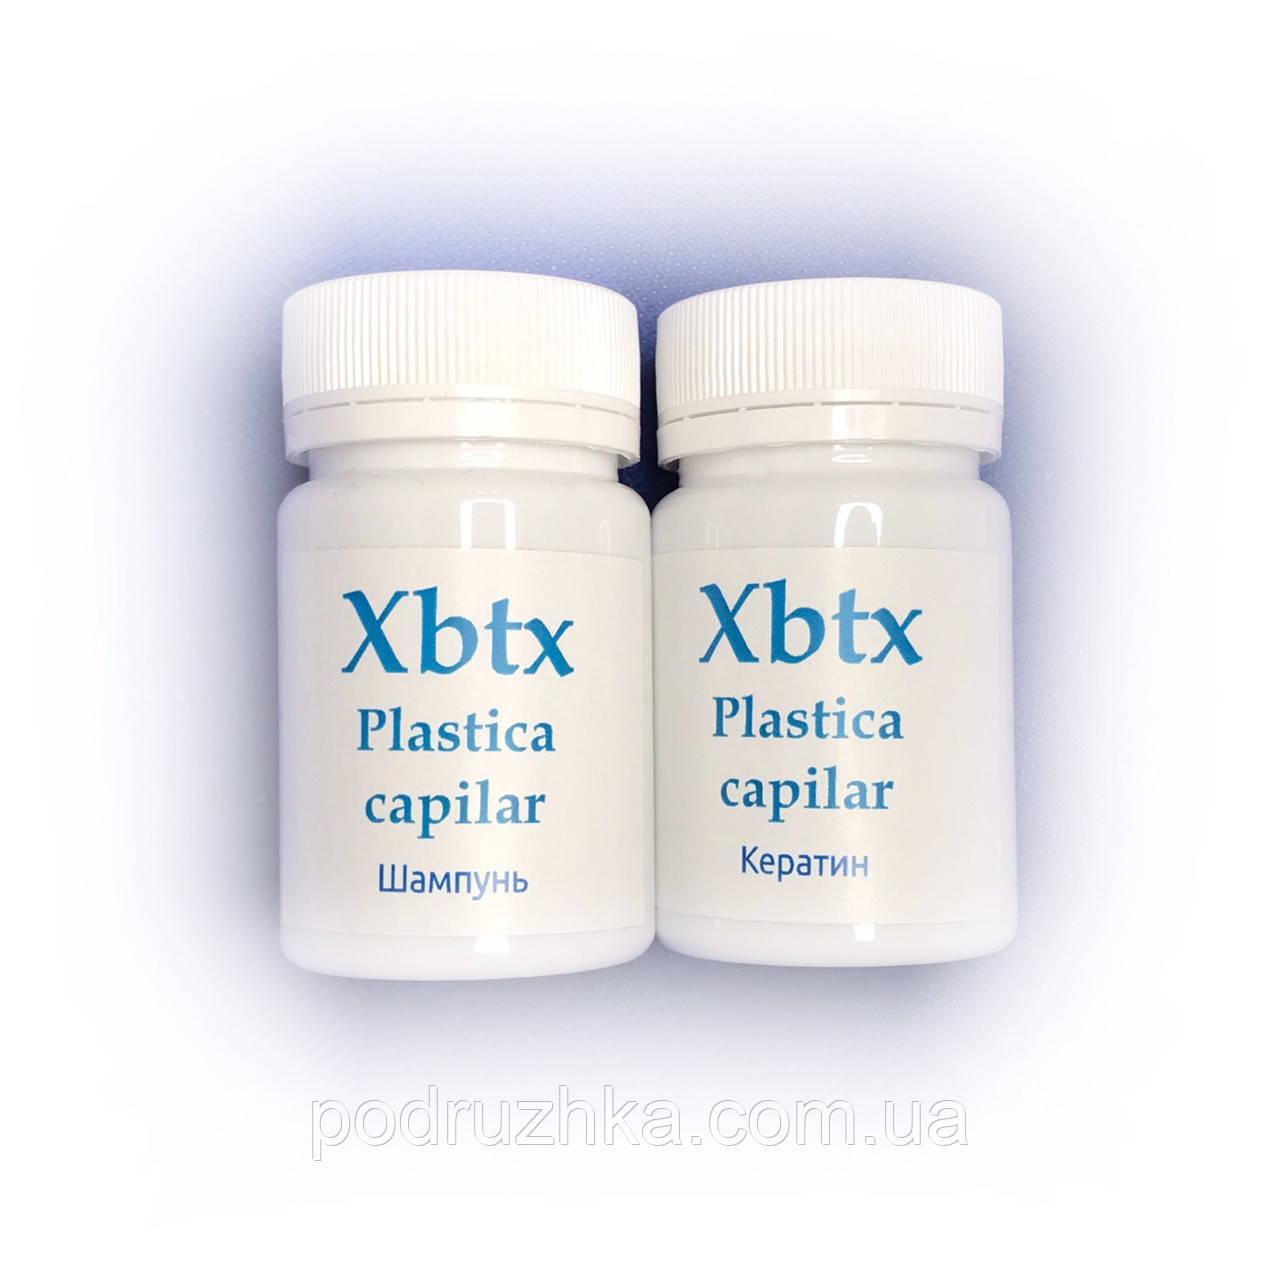 Набор для кератинового выпрямления волос XBTX Plastica capilar 2x500 г